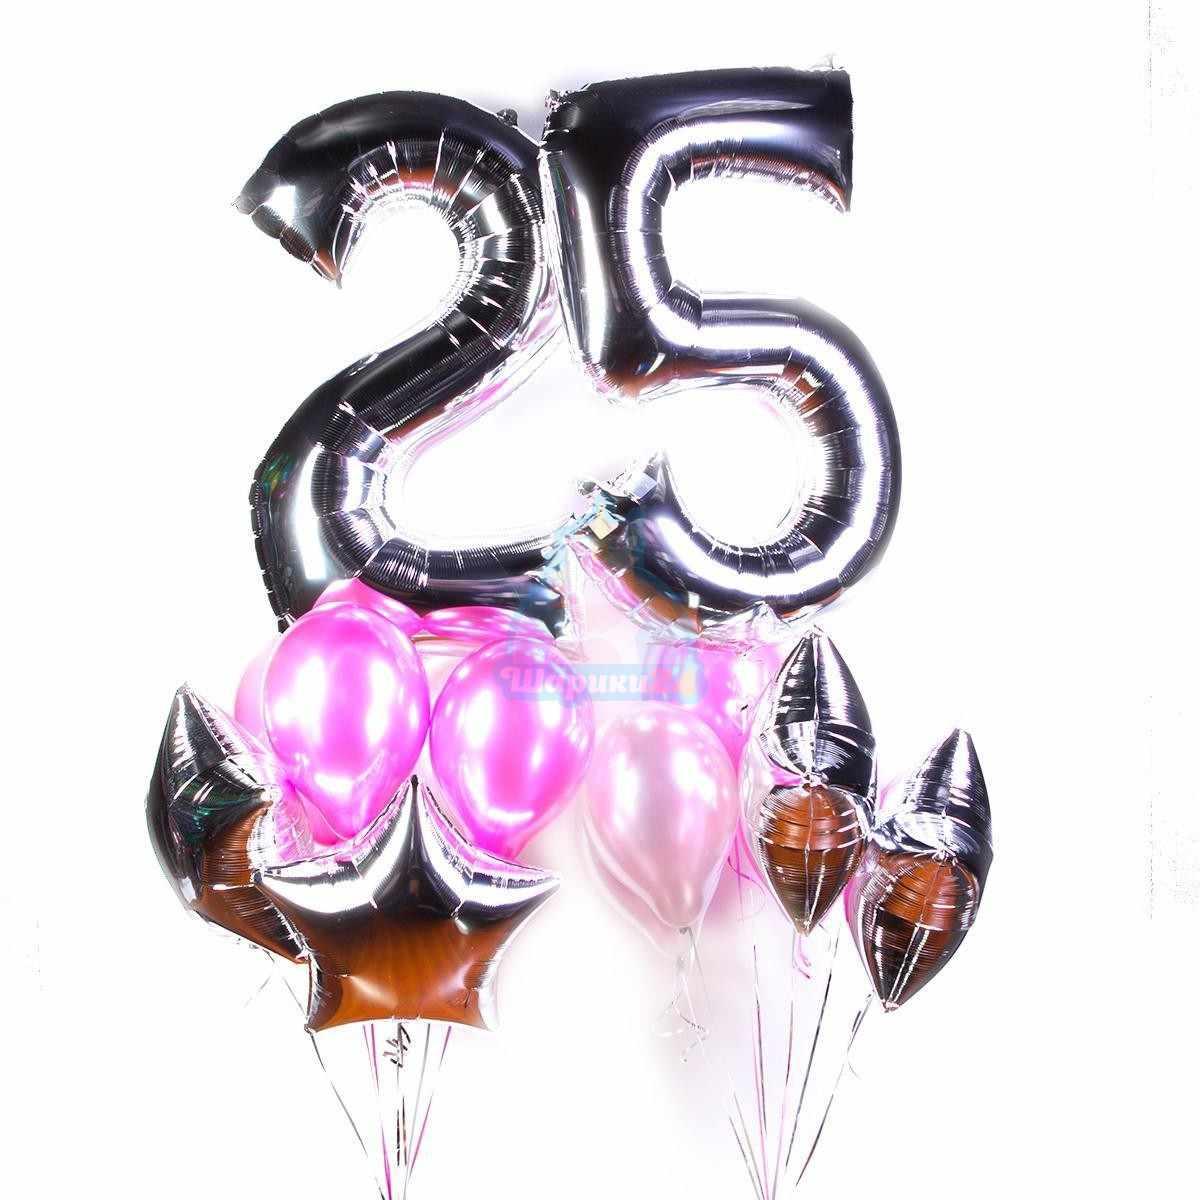 Букет на день рождение с серебряными цифрами и звездами фото в интернет-магазине Шарики 24